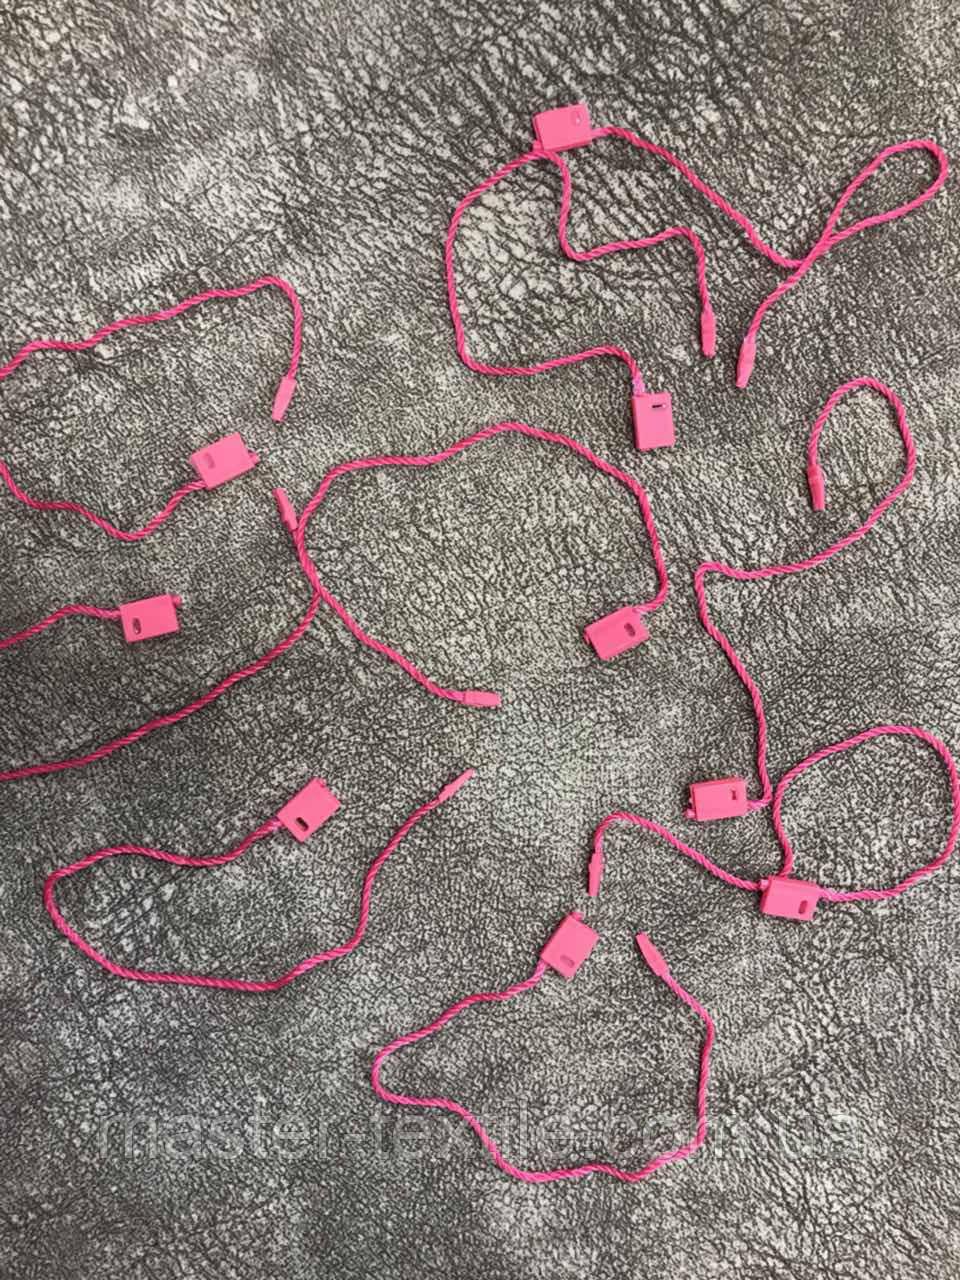 Замочки пластиковые с веревочкой (пломбы) Малиновые